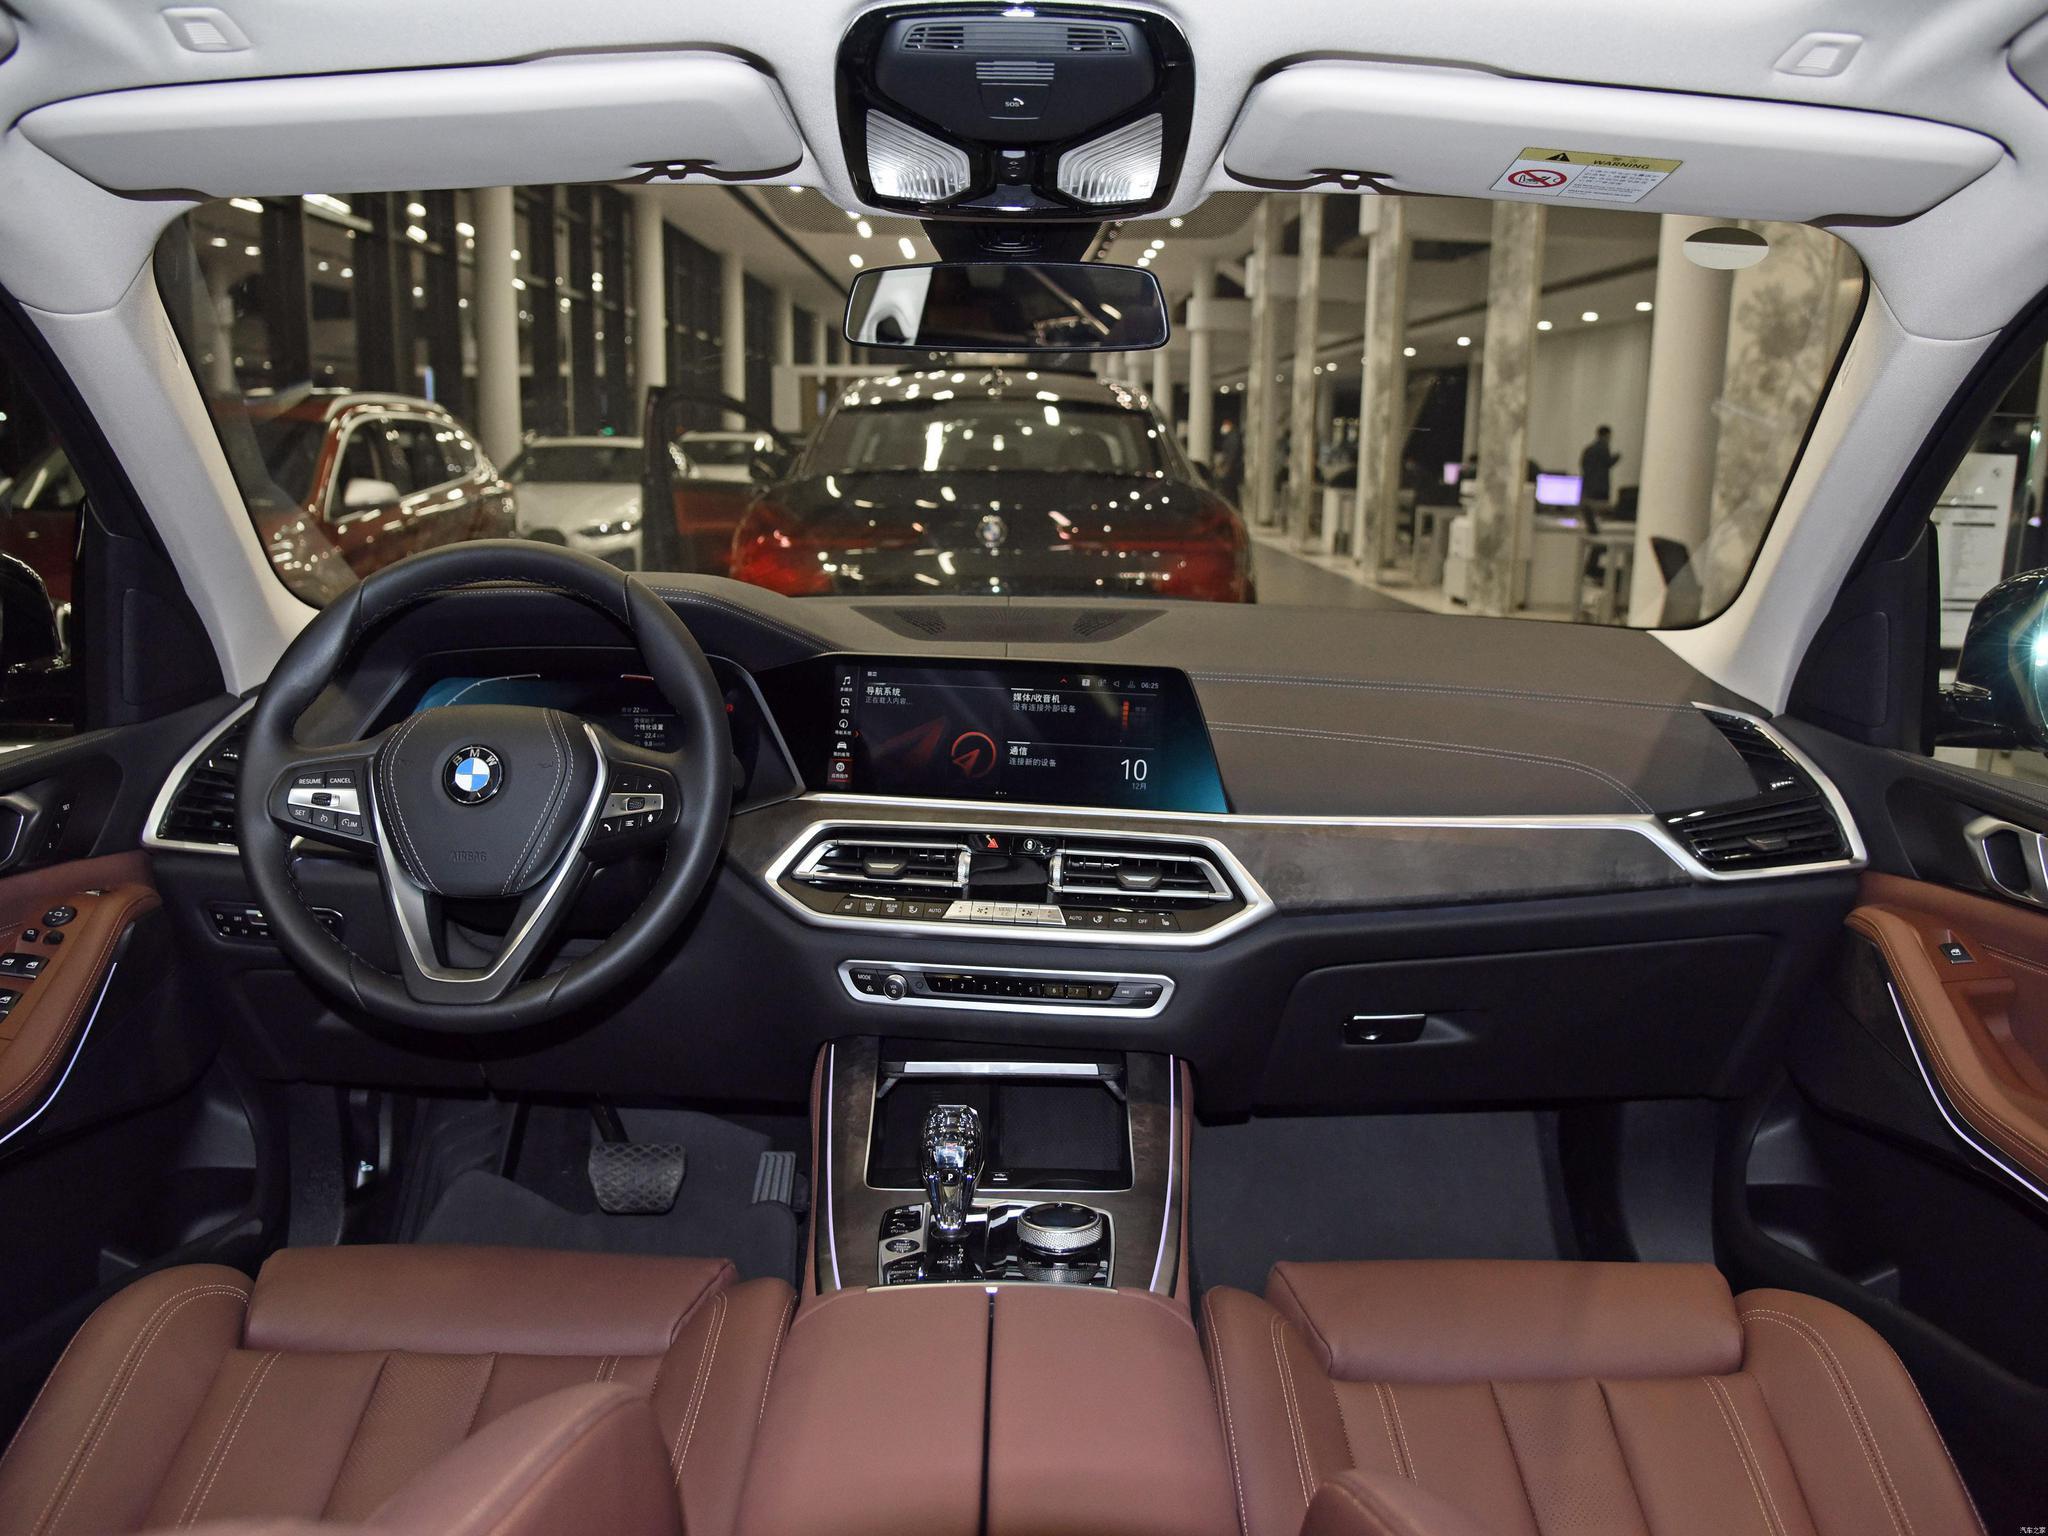 造型大气,配置升级,新款宝马X5了解下!